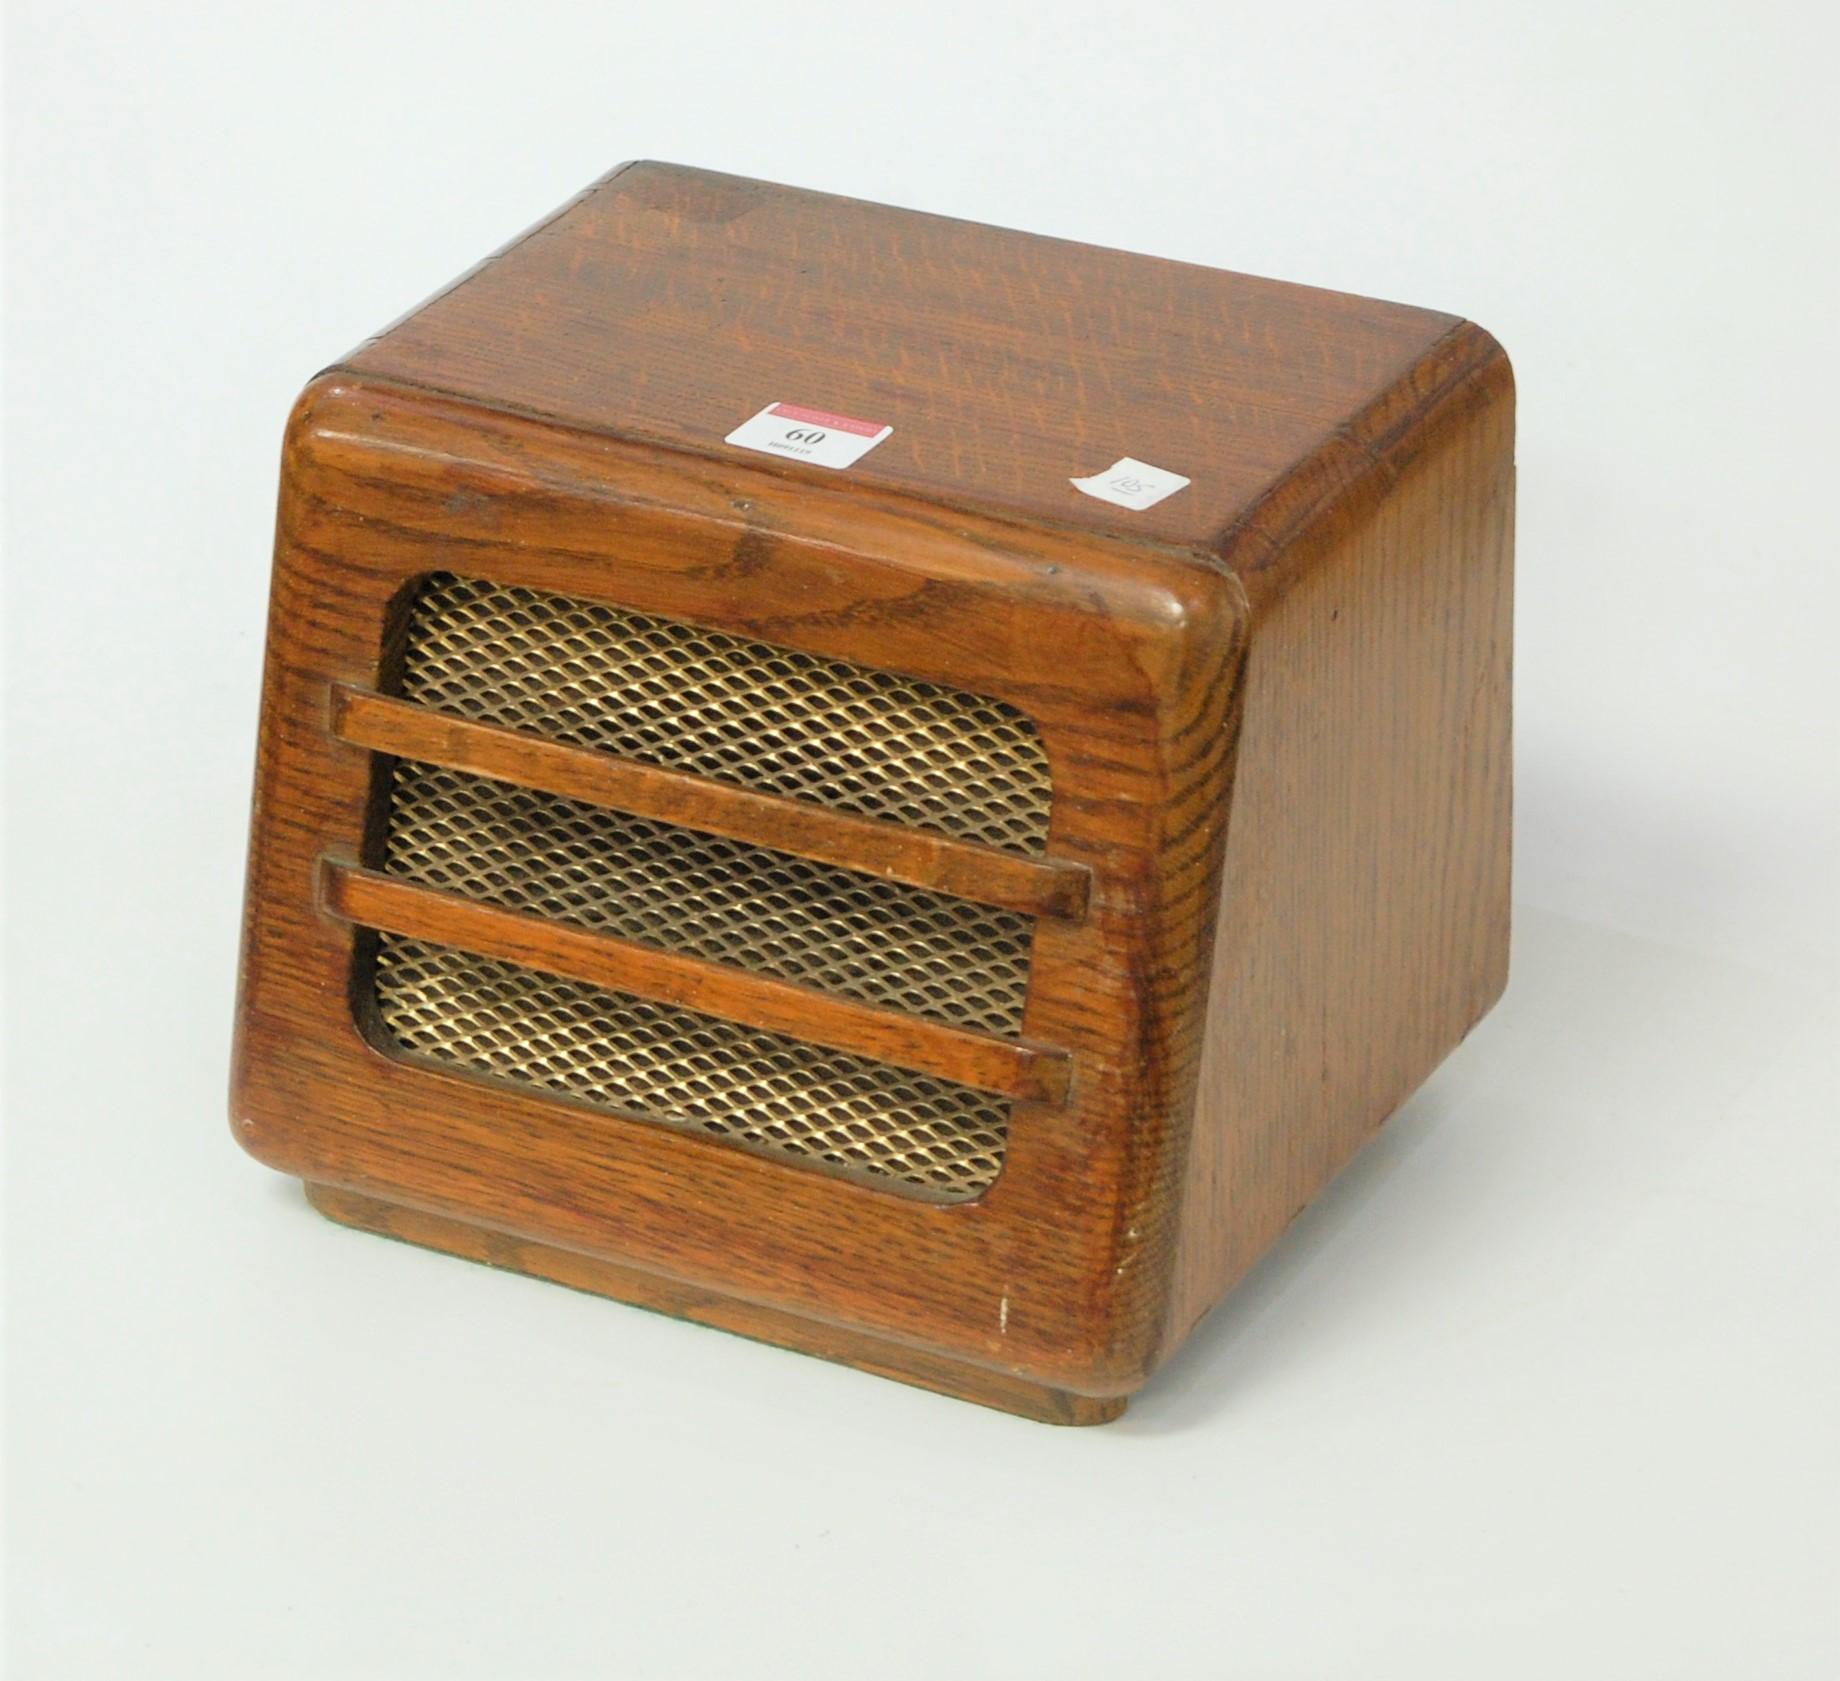 Lot 60 - A 1950s oak cased speaker with brass grille, w.24cm